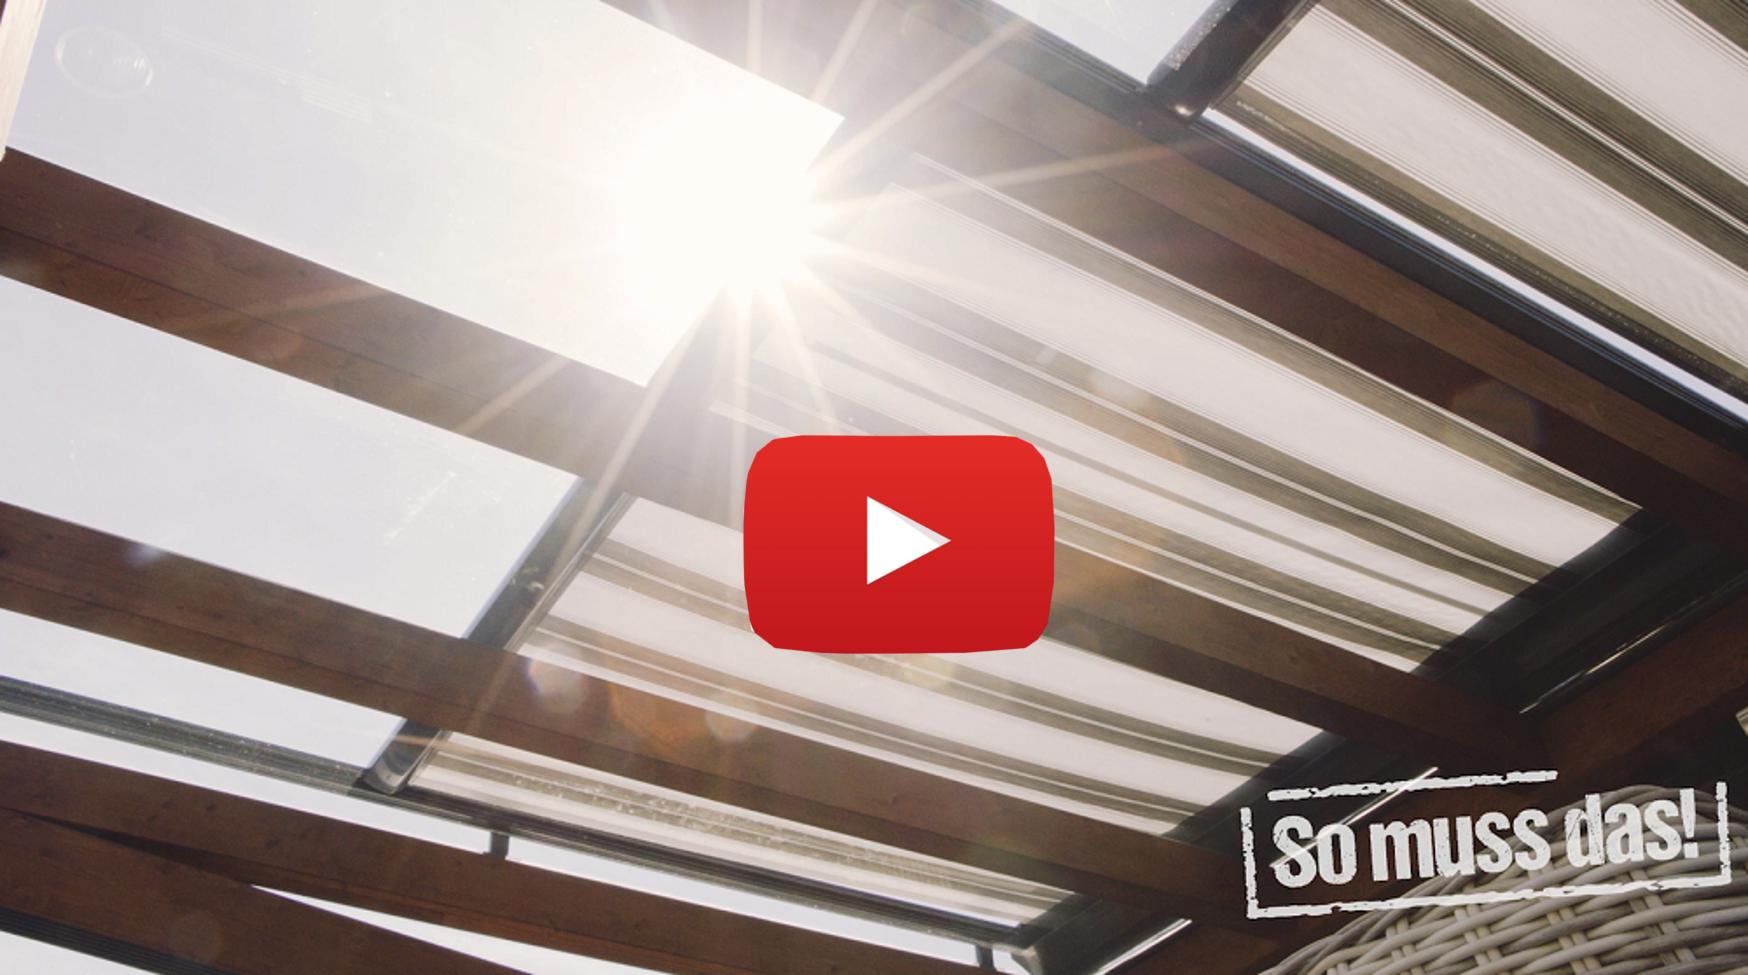 Sonnenschutz Terrassenuberdachung Gunstig ~ Sonnenschutz für die terrasse u2013 welche möglichkeiten gibt es?